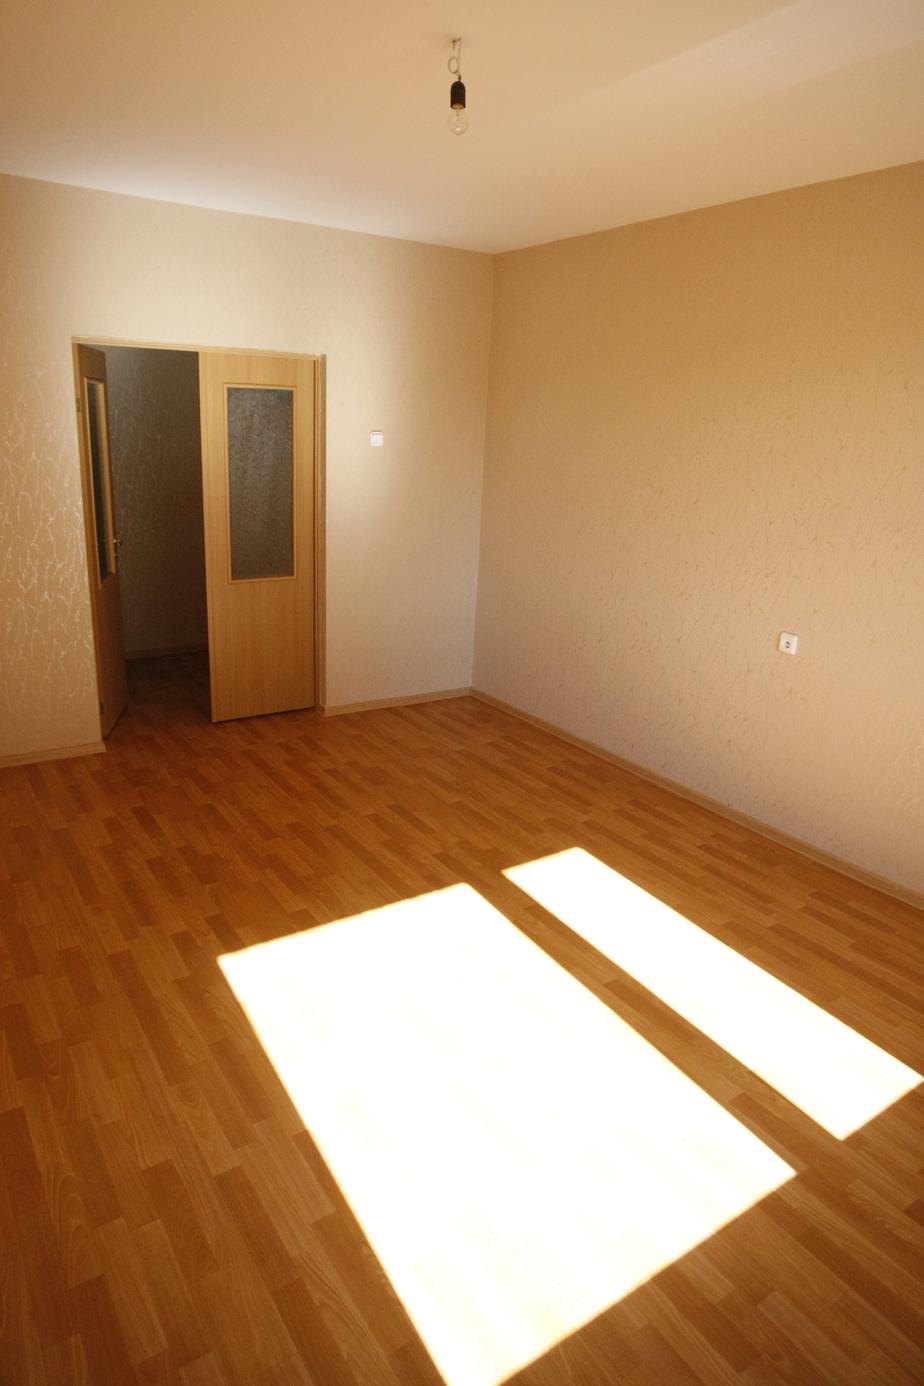 Мэрия Калининграда предложила очередникам комнаты по 9 квадратных метров